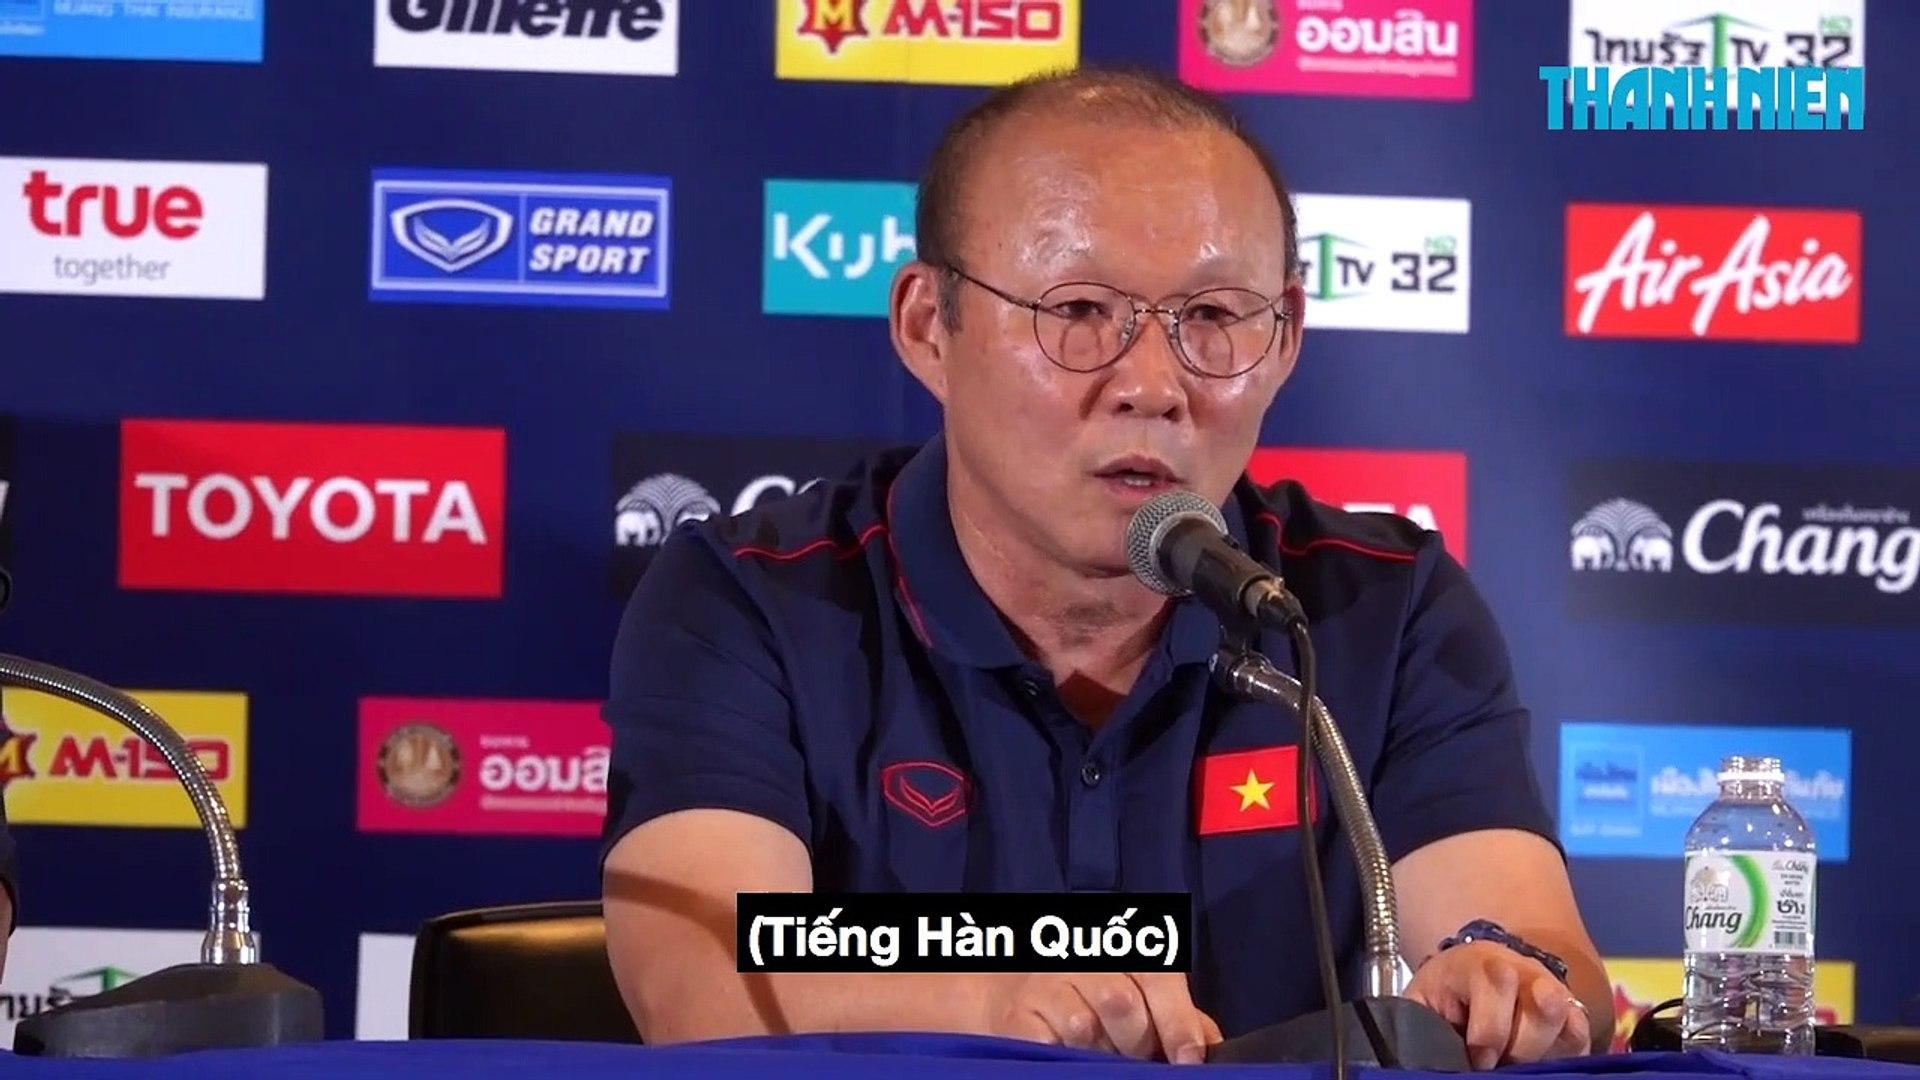 Trực tiếp- [King's Cup 2019] Thái Lan - Việt Nam- Tuấn Anh đá chính, Công Phượng dự bị - Bóng đ